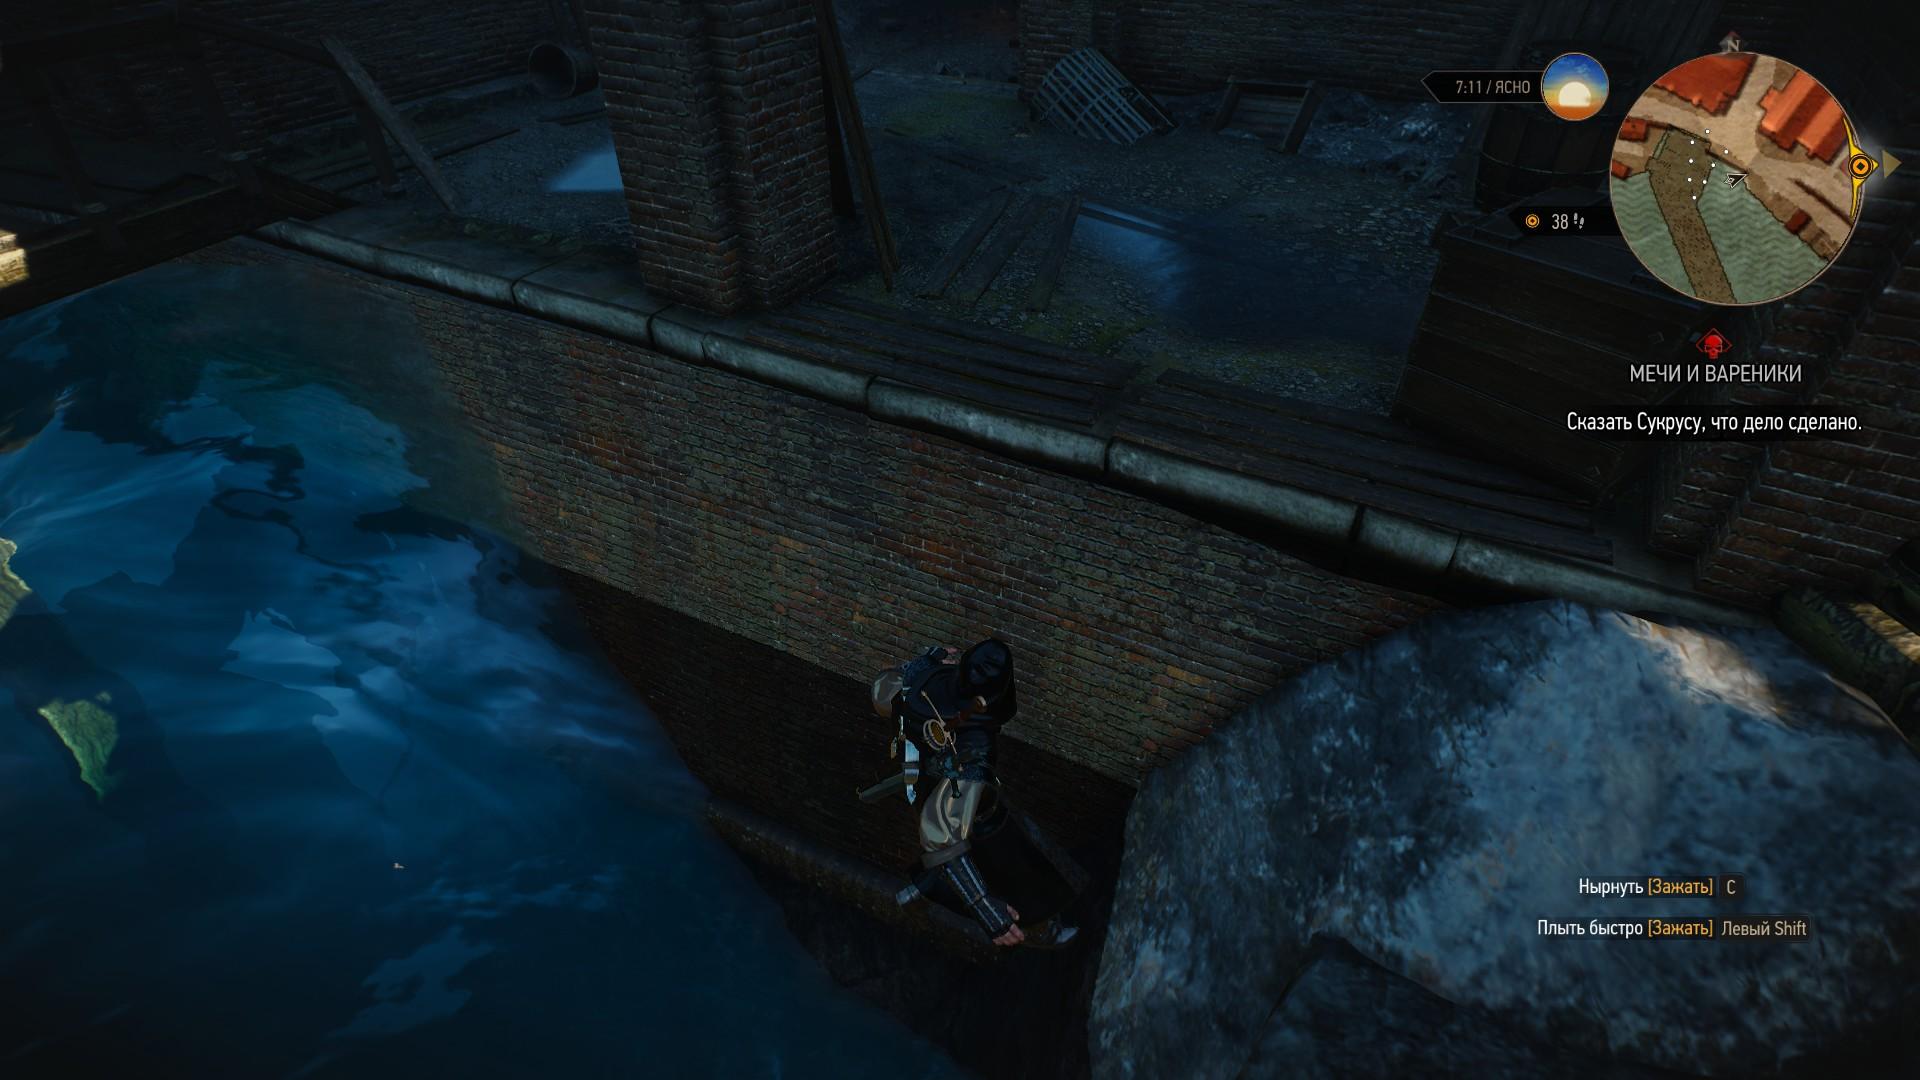 Геральт плавает в водном провале - Witcher 3: Wild Hunt, the